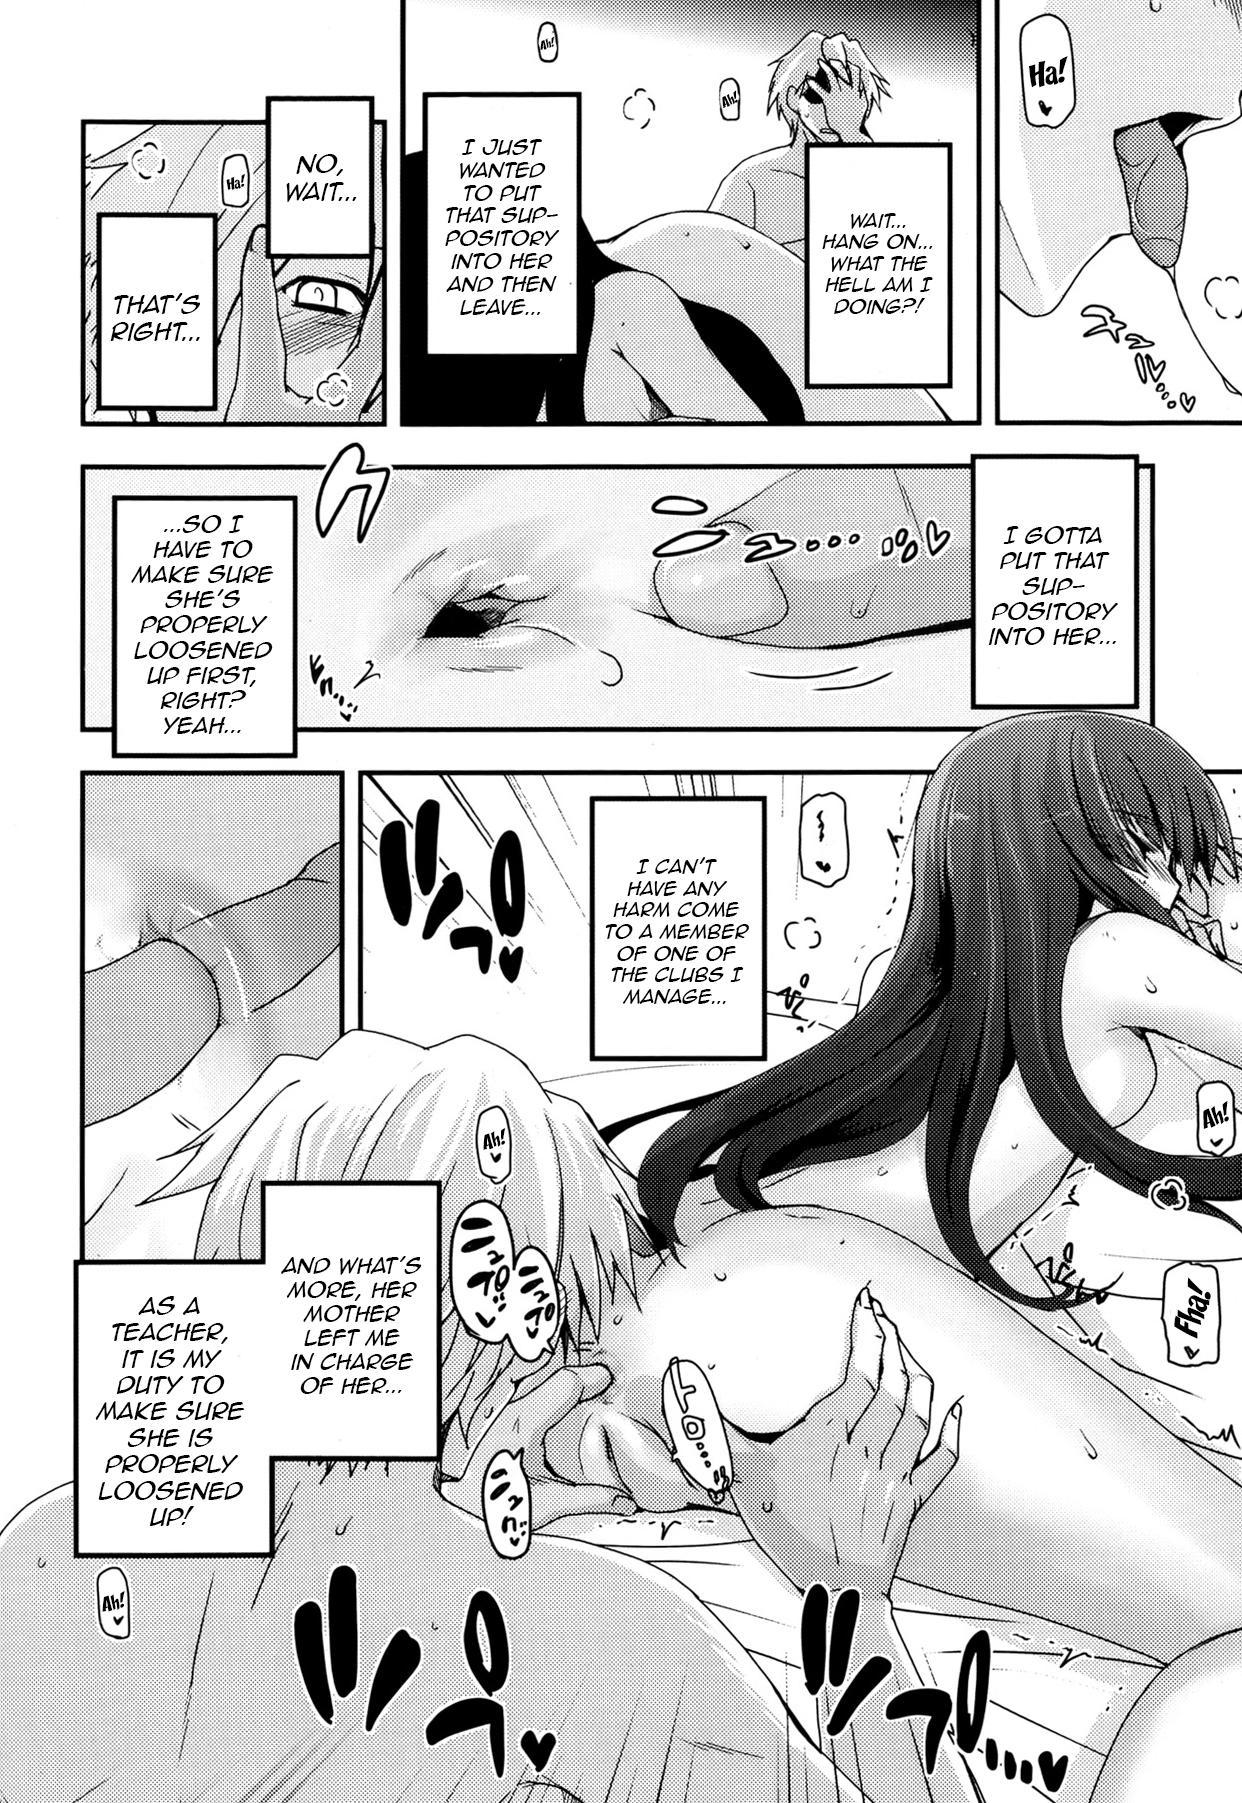 Shoujotachi no Sadism 1-5 107